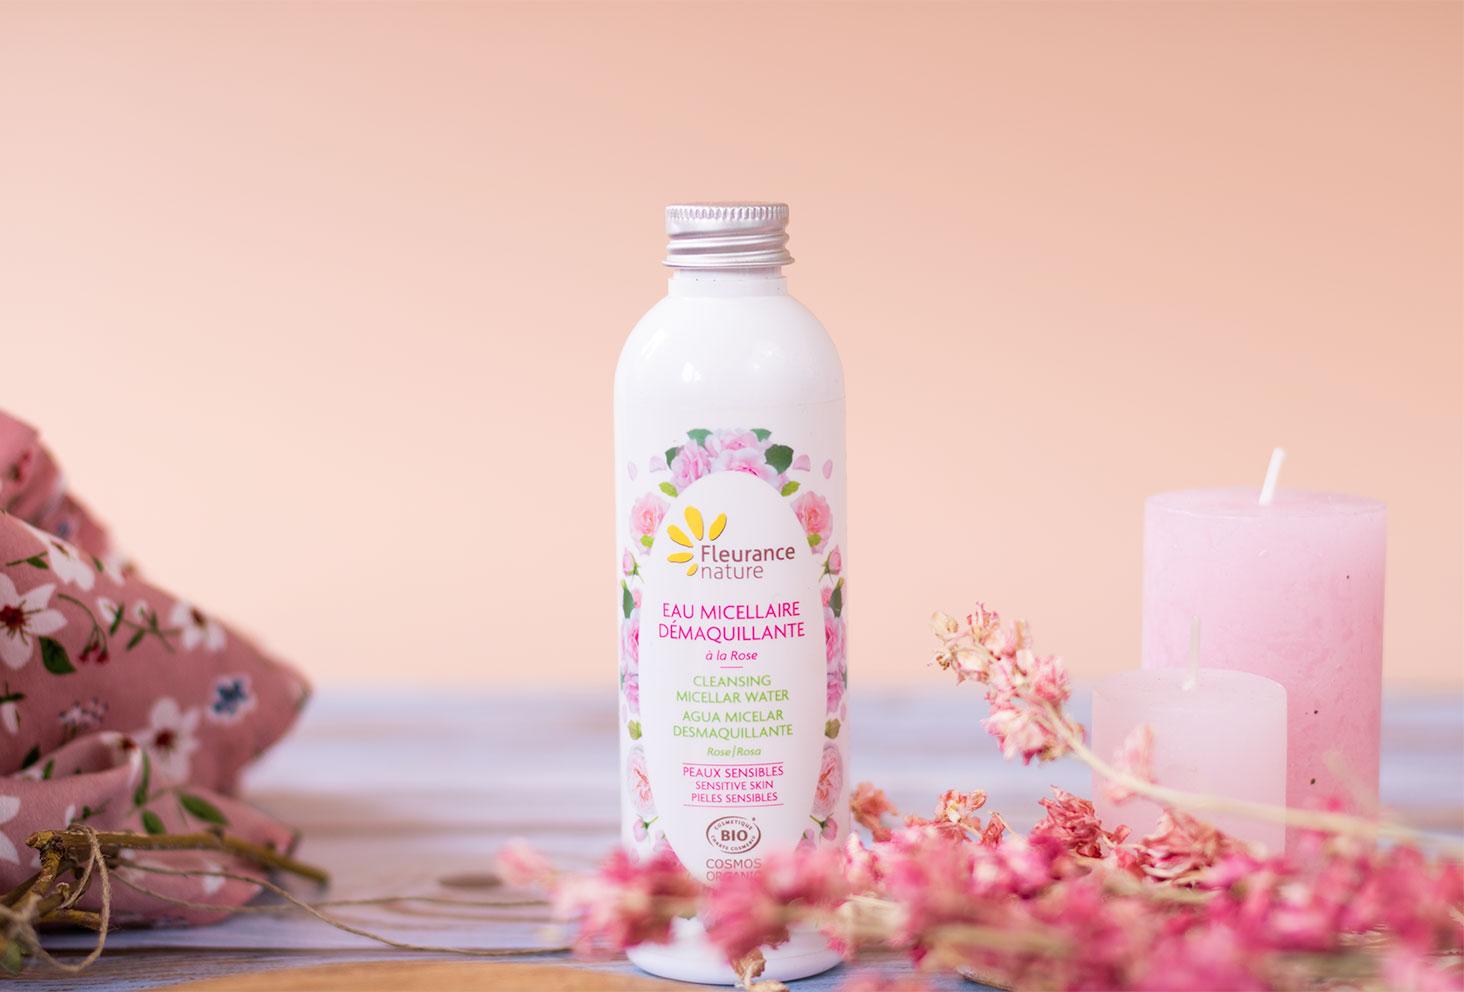 L'eau micellaire BIO pour le visage de Fleurance Nature, à côté d'une planche à découper en bois, de fleurs séchées roses et de bougies roses